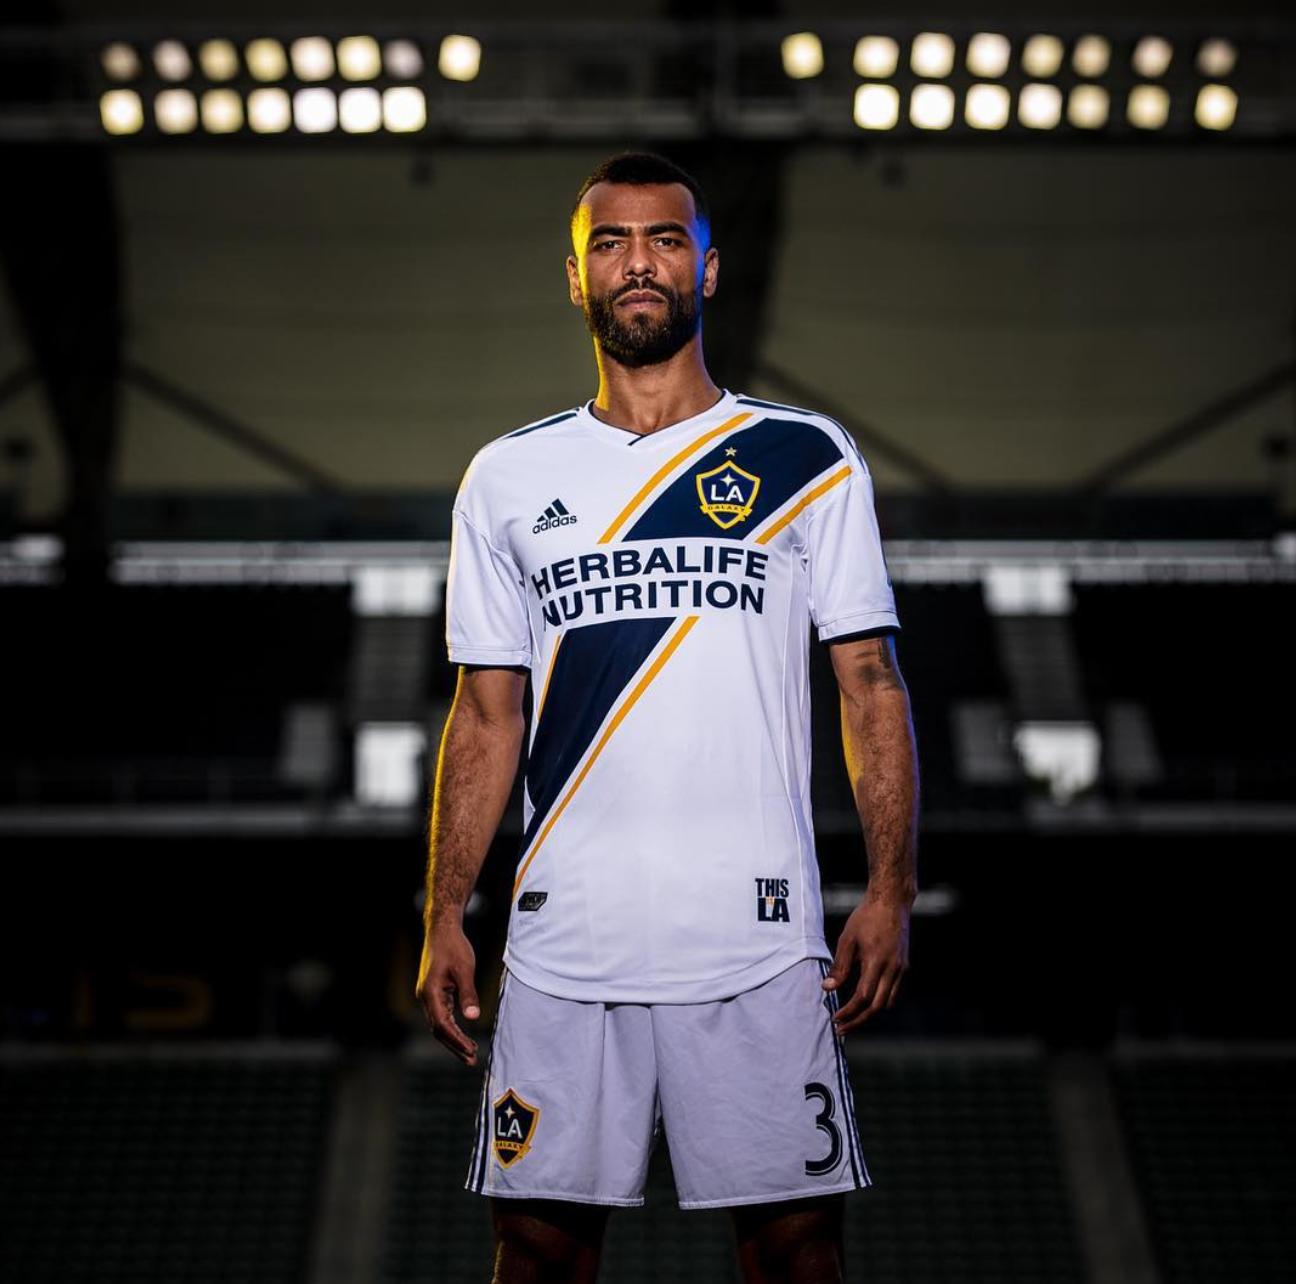 阿什利-科尔新赛季将成为洛杉矶银河队长